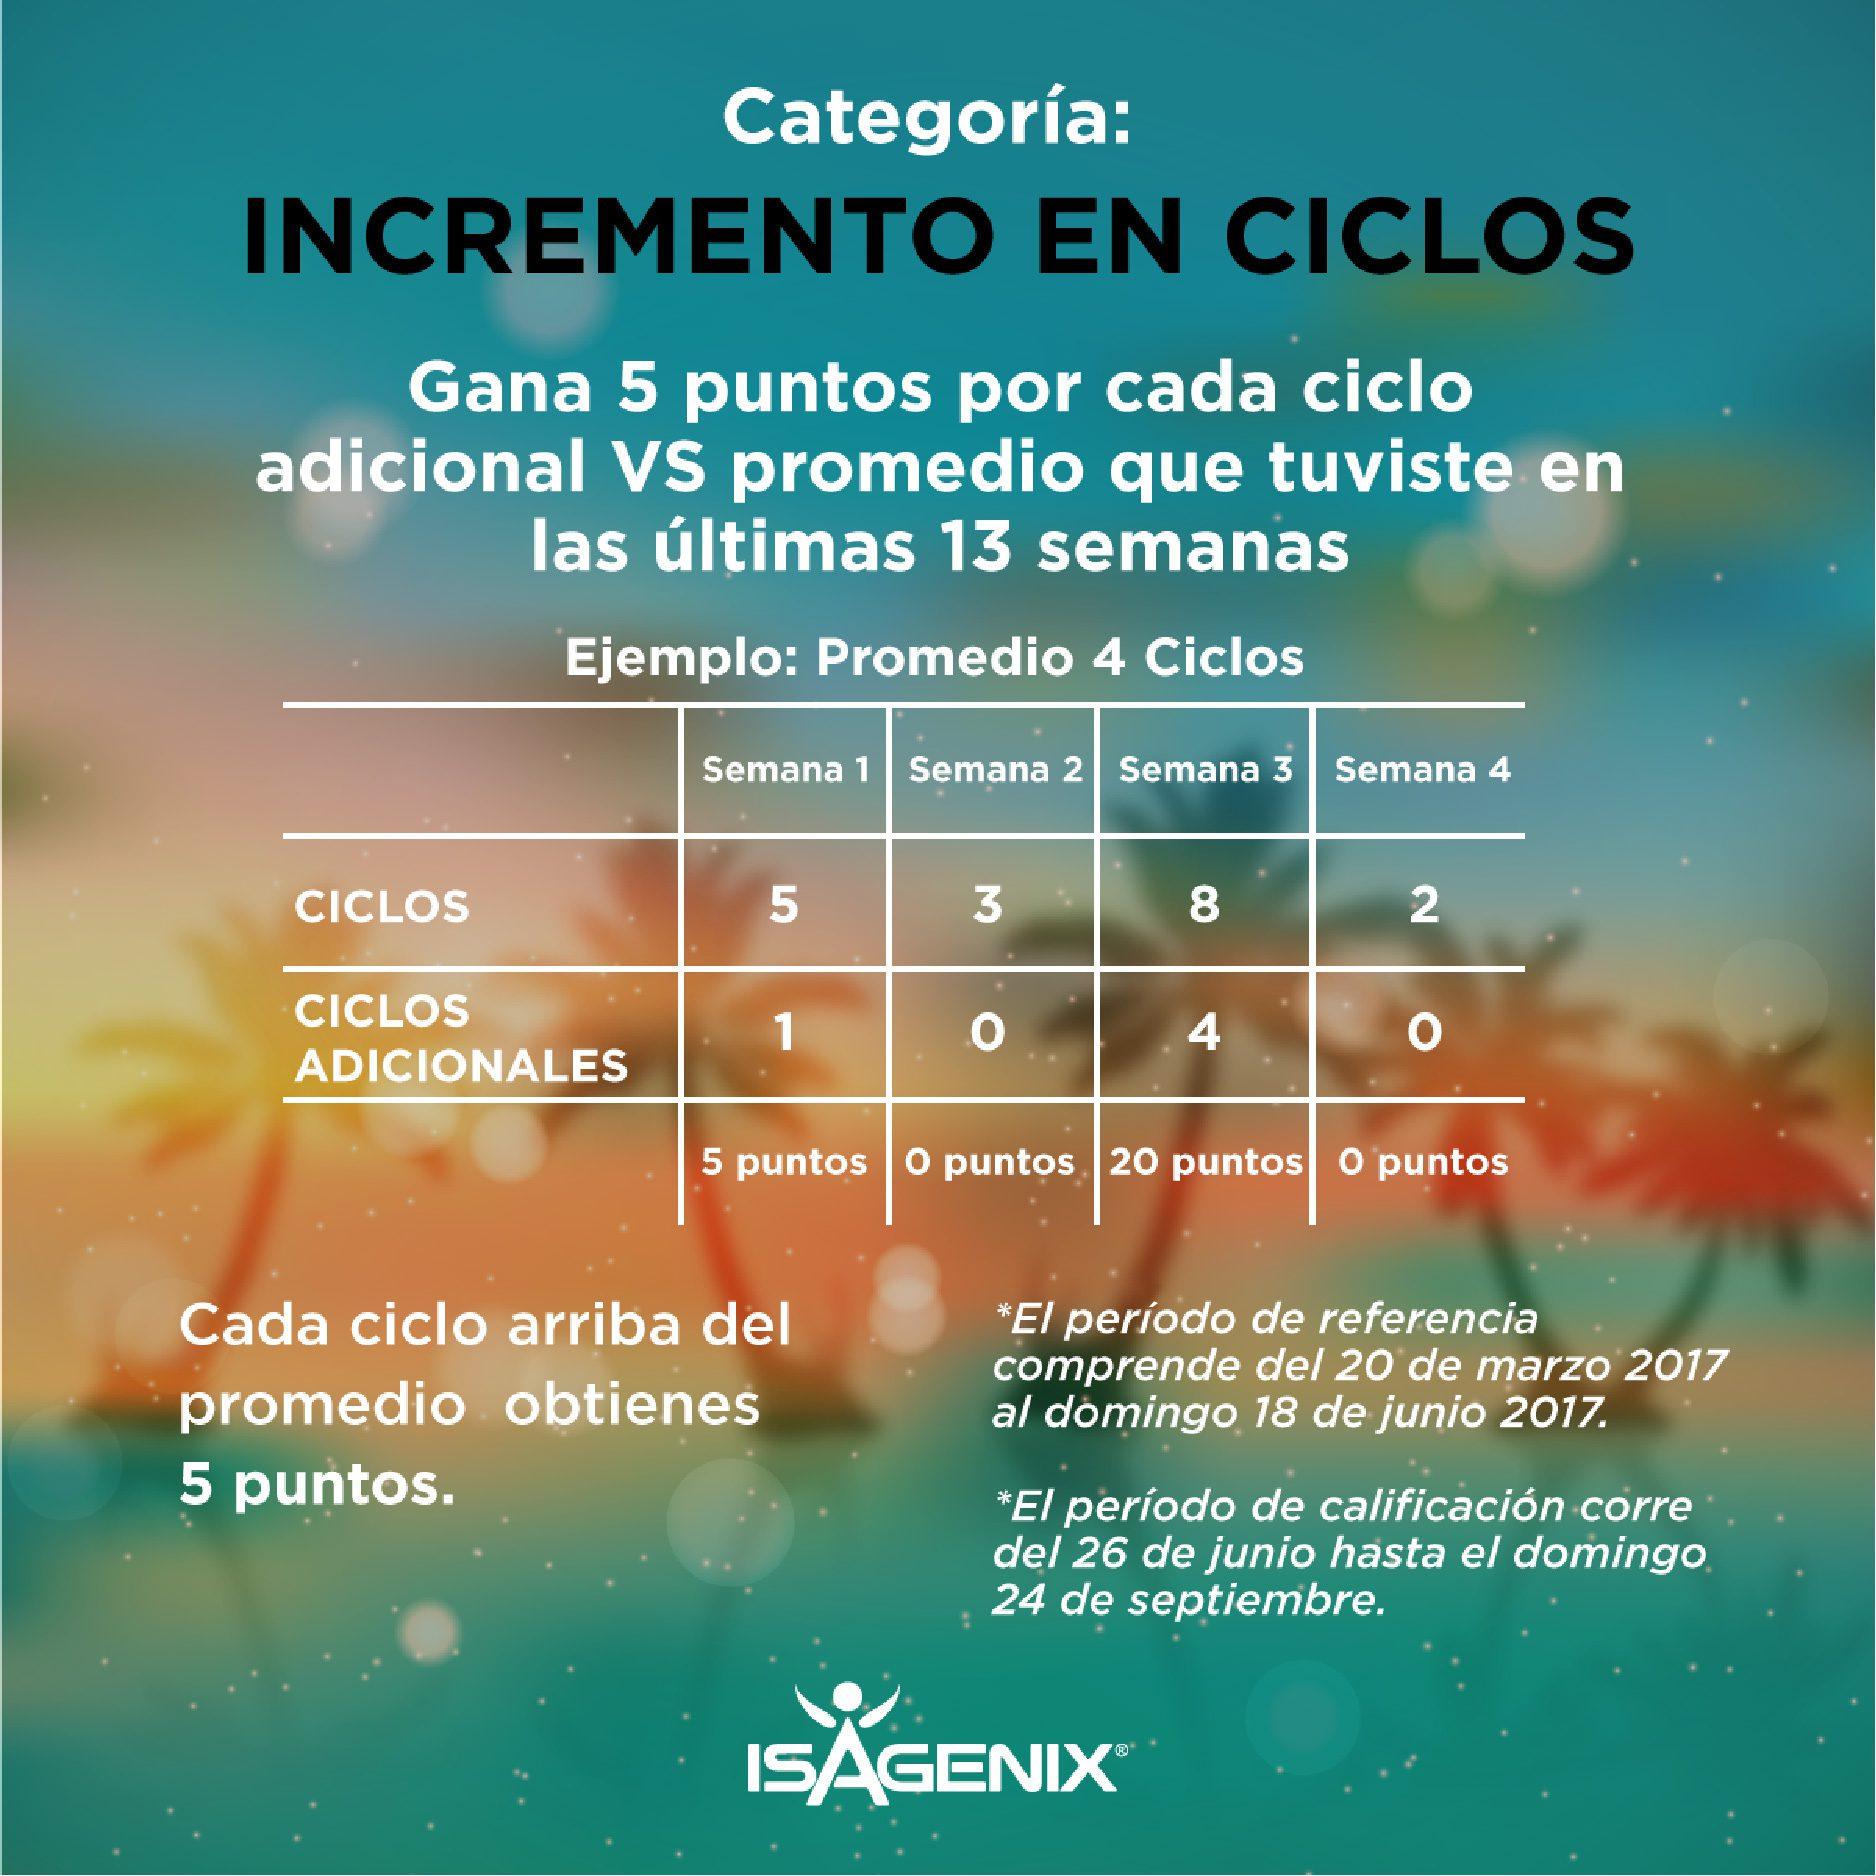 incremento-en-ciclos-01-01-01